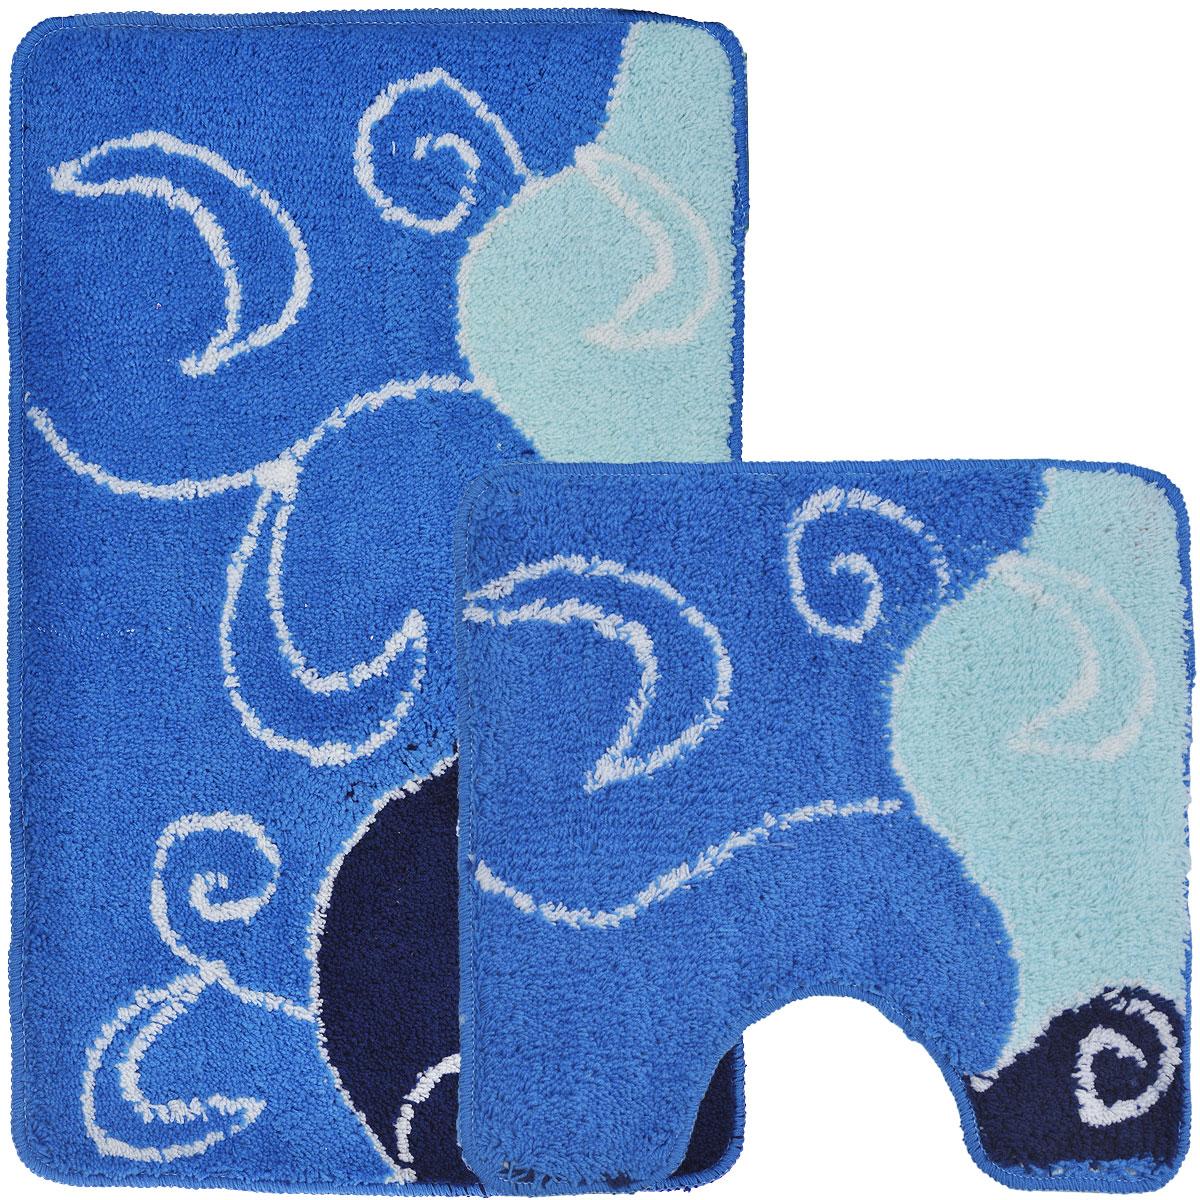 Комплект ковриков для ванной и туалета Fresh Code, цвет: синий, 2 предмета55010синийКомплект Fresh Code состоит из коврика для ванной комнаты и туалета. Коврики изготовлены из акрила и оформлены узором. Это экологически чистый, быстросохнущий, мягкий и износостойкий материал. Красители устойчивы, поэтому коврики не потускнеют даже после многократных стирок в стиральной машине. Благодаря латексной основе коврики не скользят на полу. Края изделий обработаны оверлоком. Можно использовать на полу с подогревом. Набор для ванной Fresh Code подарит ощущение тепла и комфорта, а также привнесет уют в вашу ванную комнату. Высота ворса: 1 см. Размер коврика для ванной комнаты: 80 см х 50 см. Размер коврика для туалета: 50 см х 50 см.